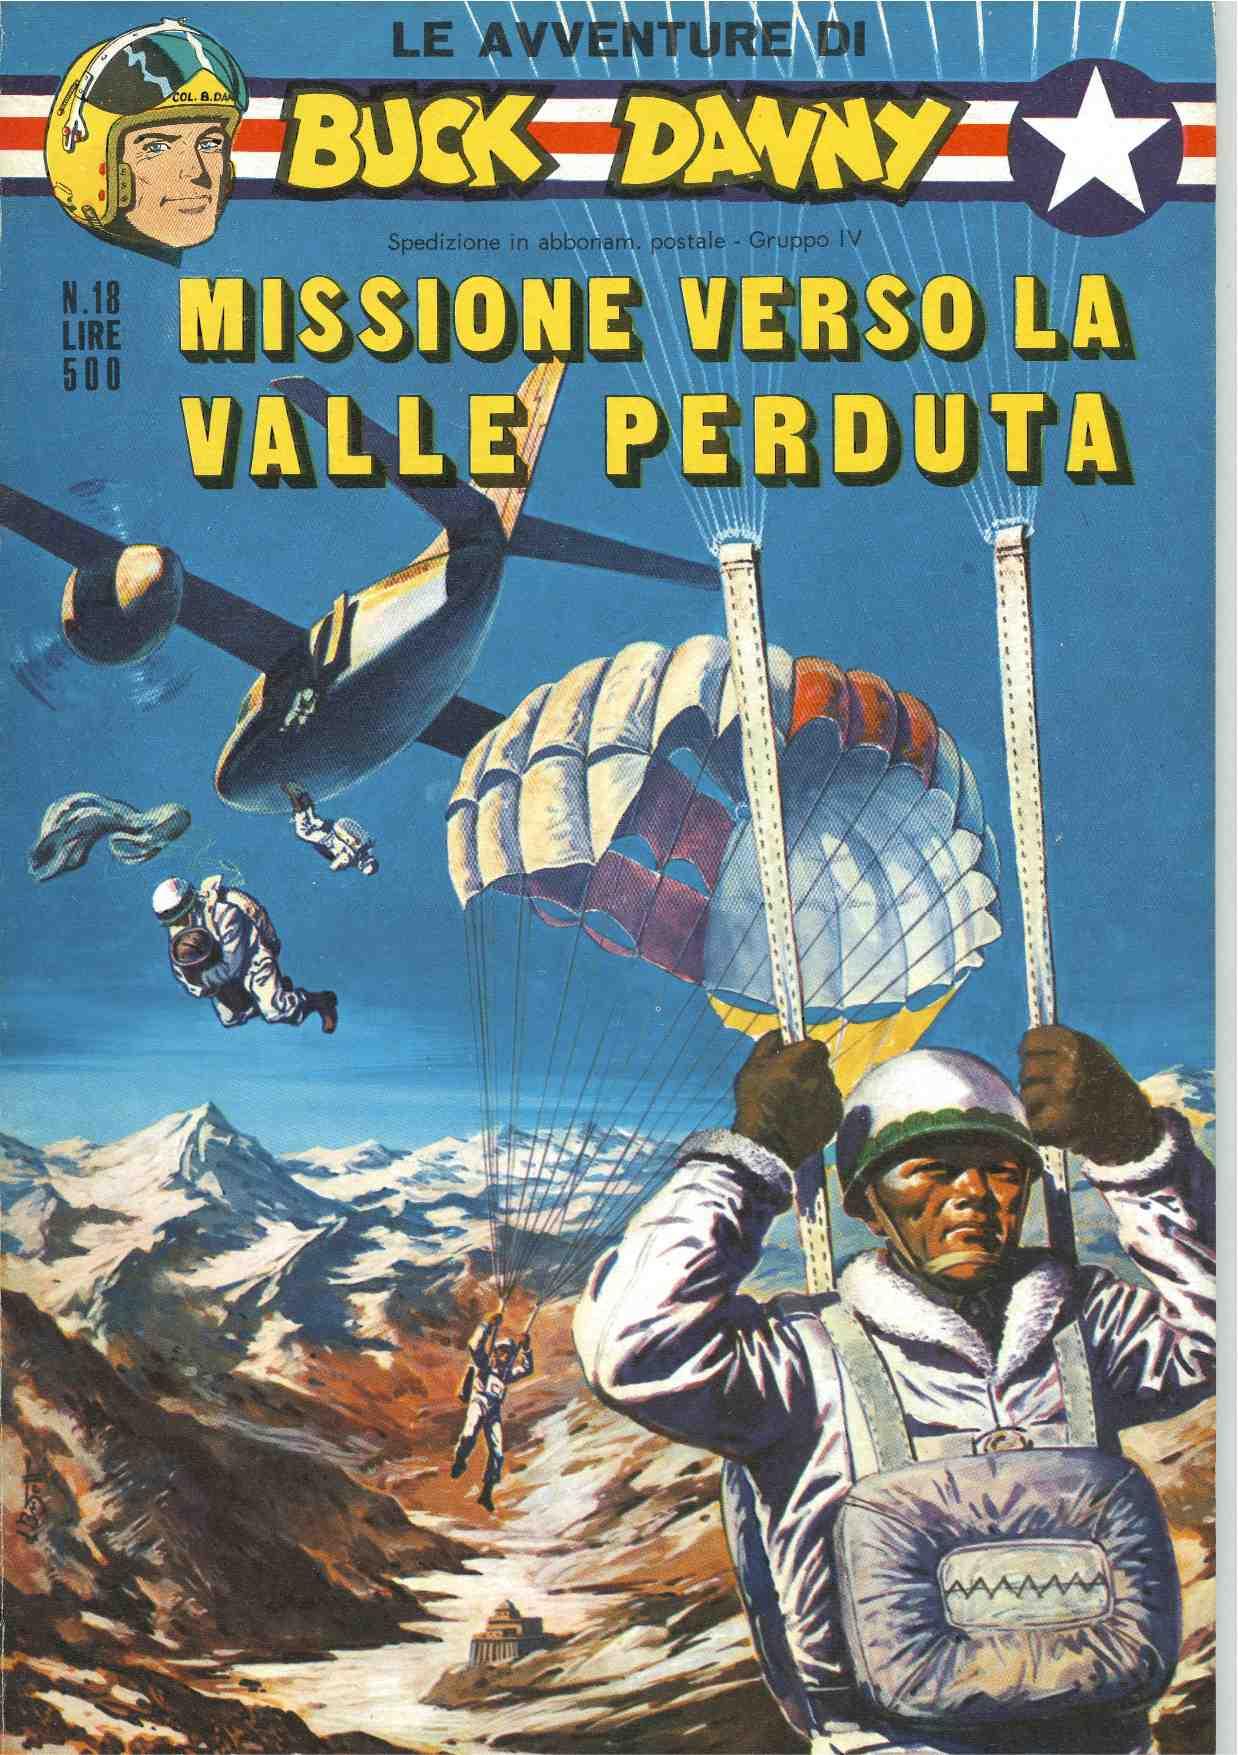 Le Avventure di Buck Danny: Missione verso la valle perduta